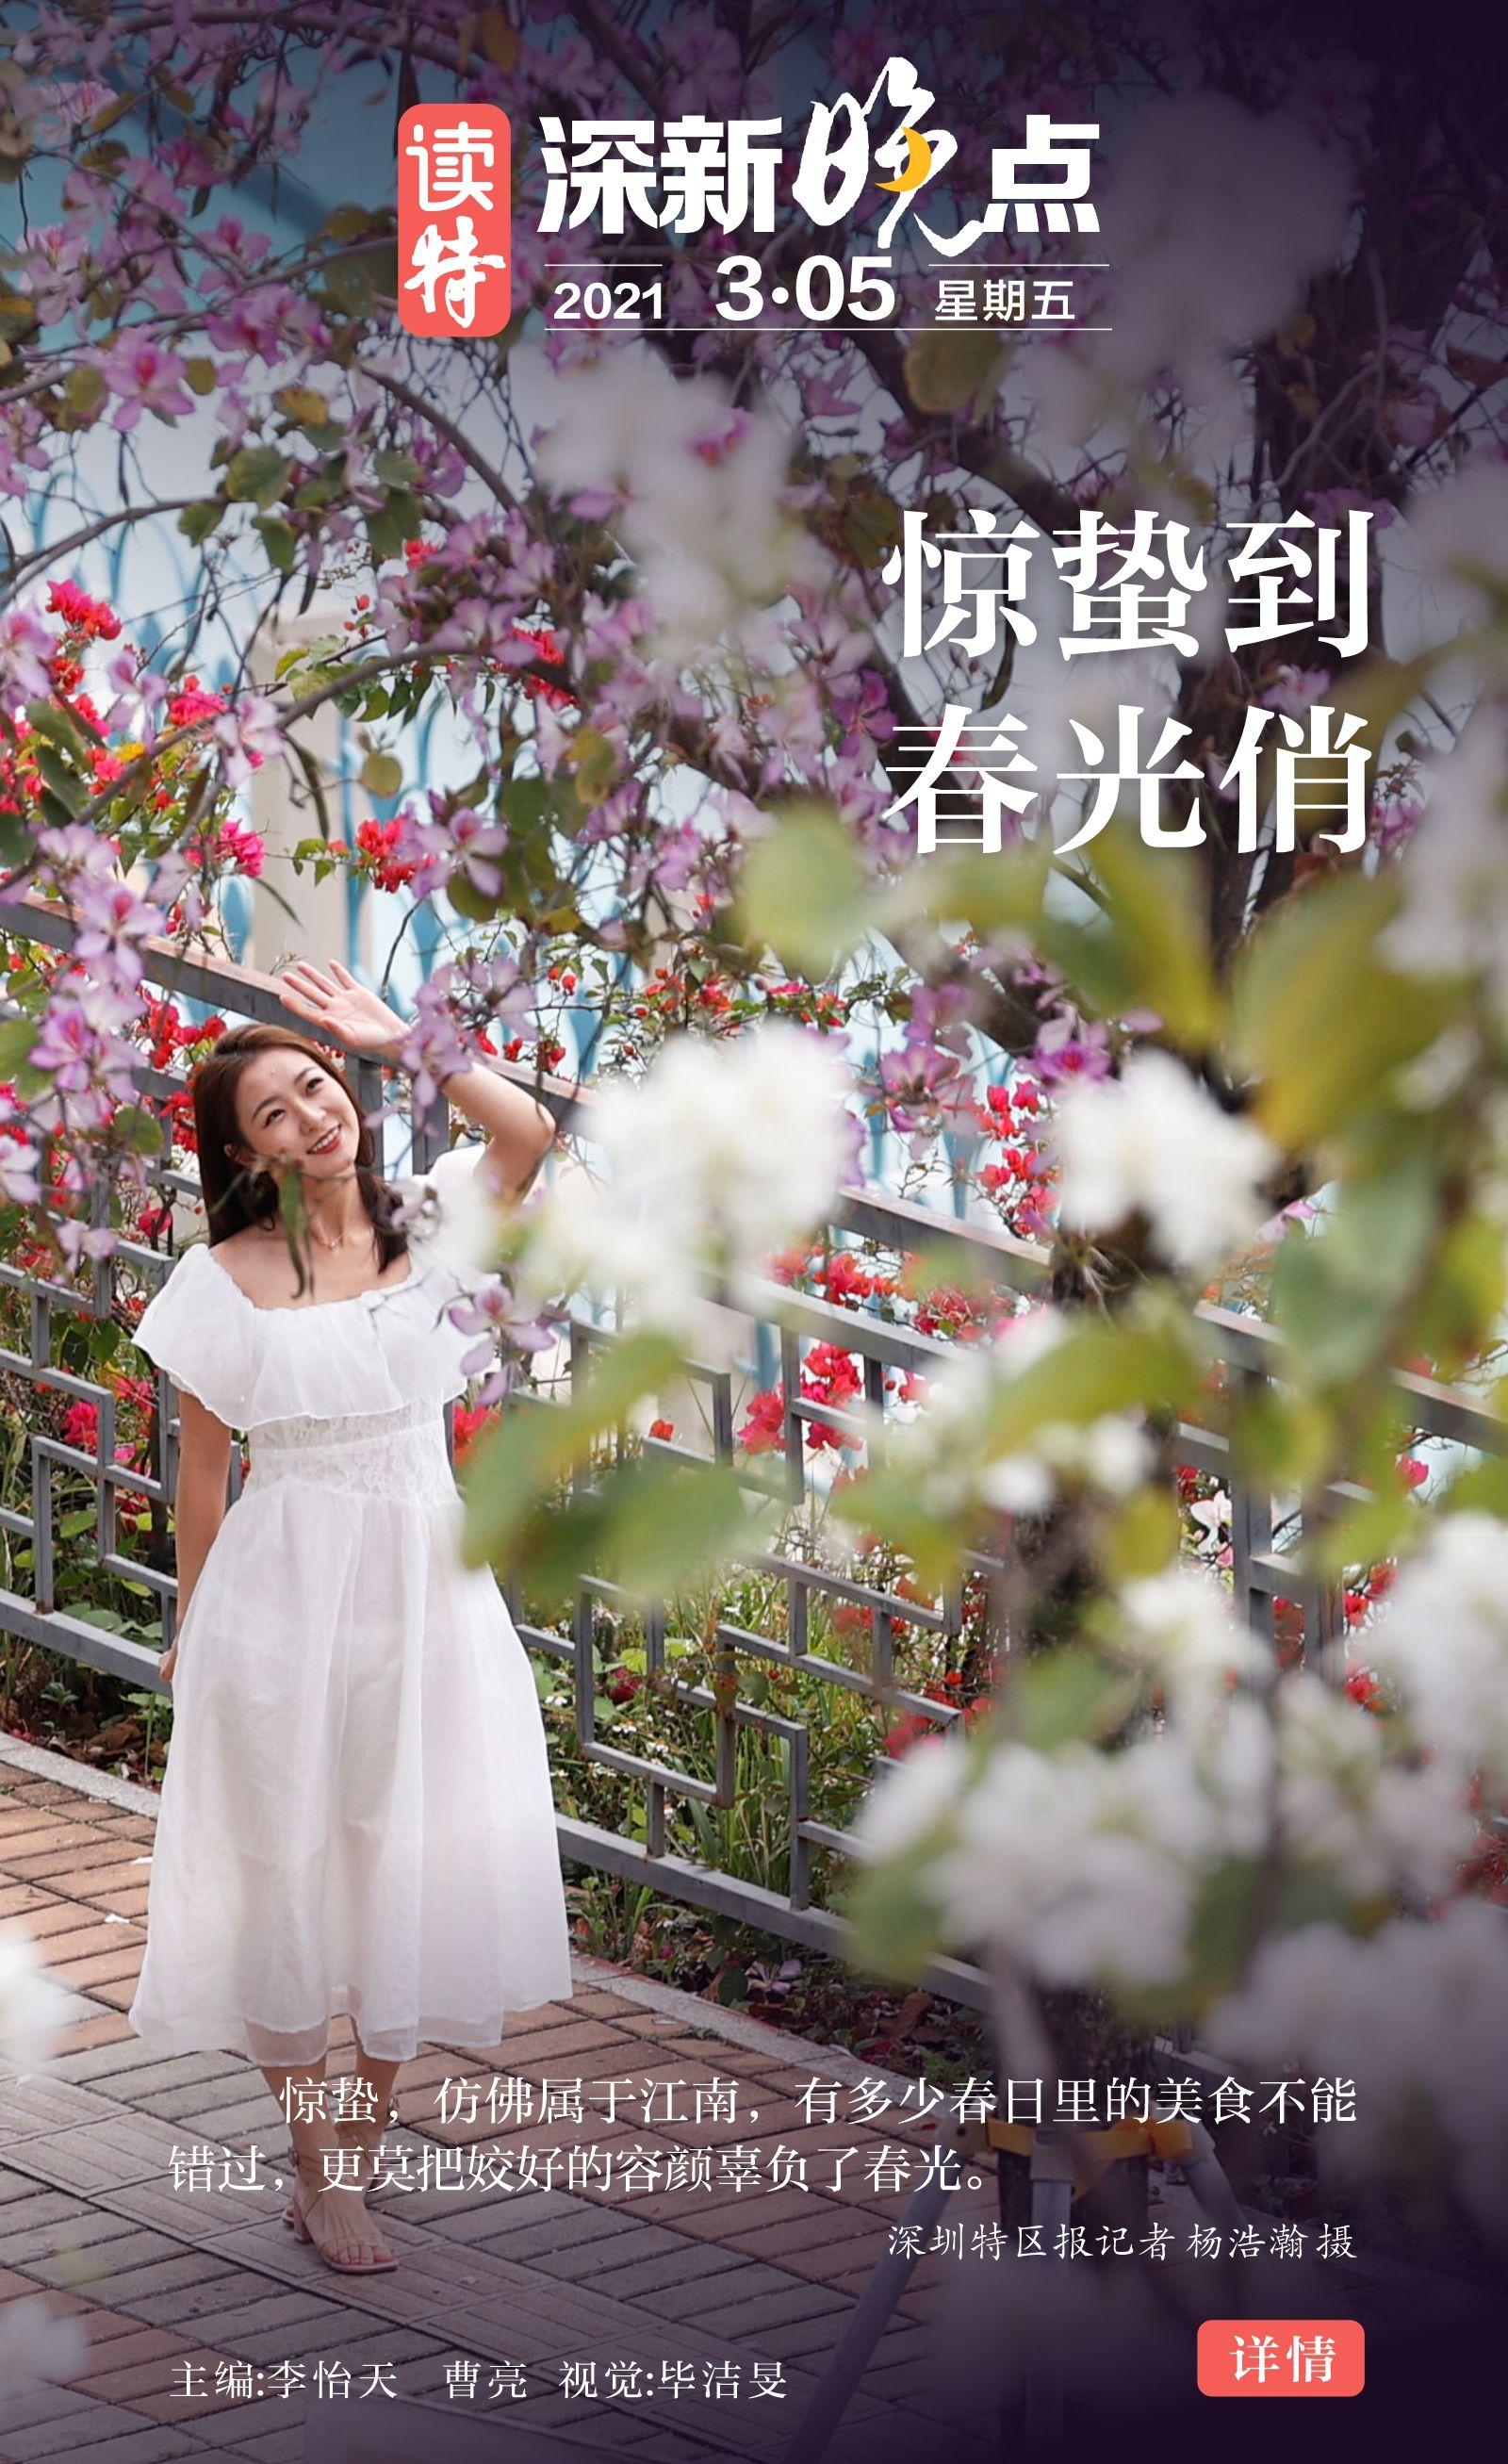 http://www.weixinrensheng.com/zhichang/2640321.html